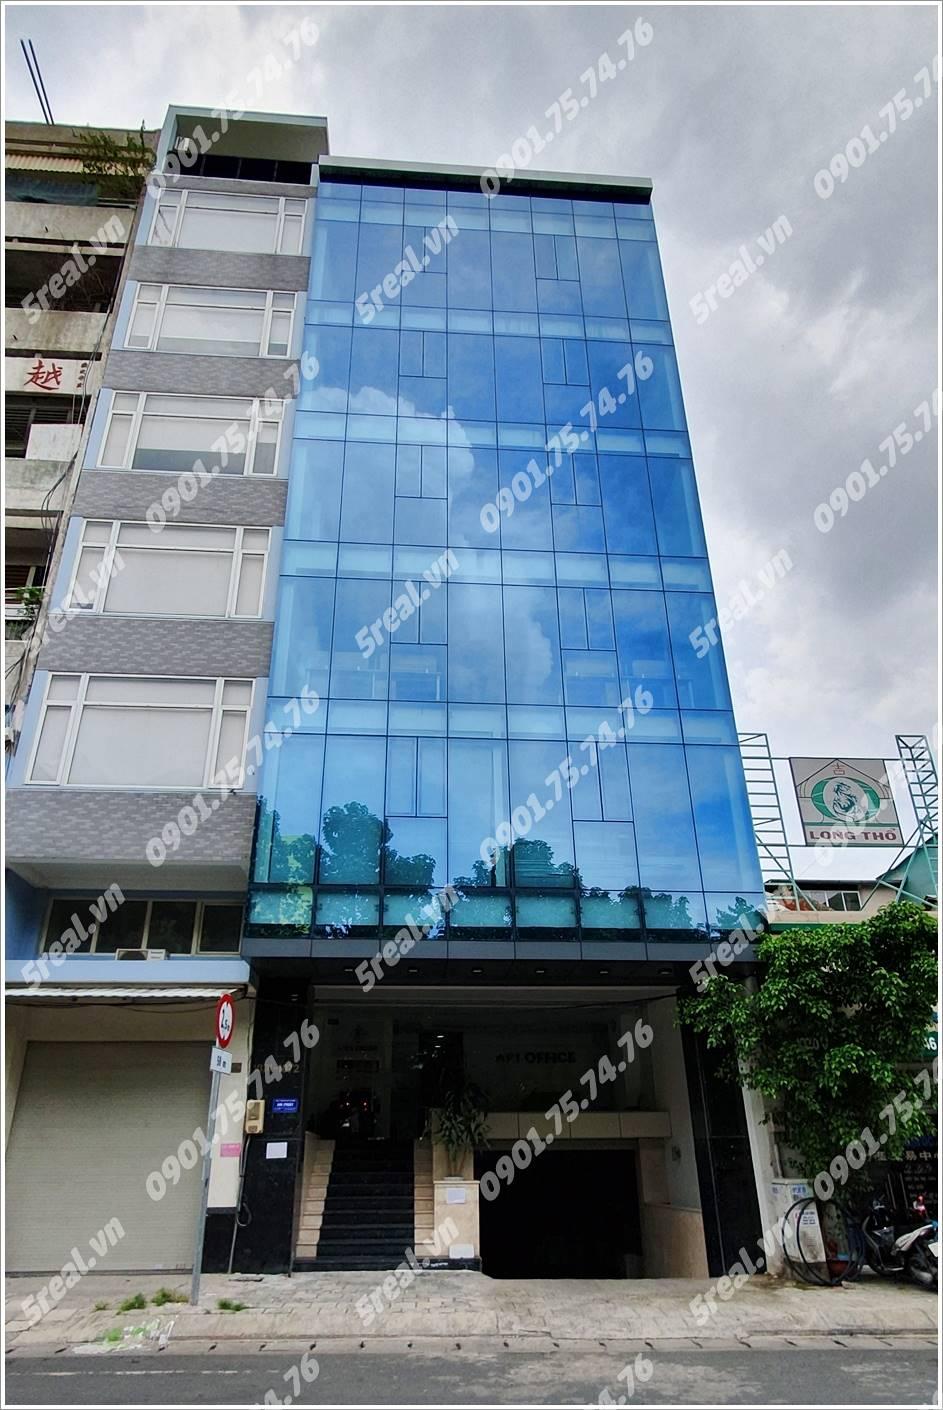 apt-office-vo-van-kiet-quan-5-van-phong-cho-thue-tphcm-5real.vn-01